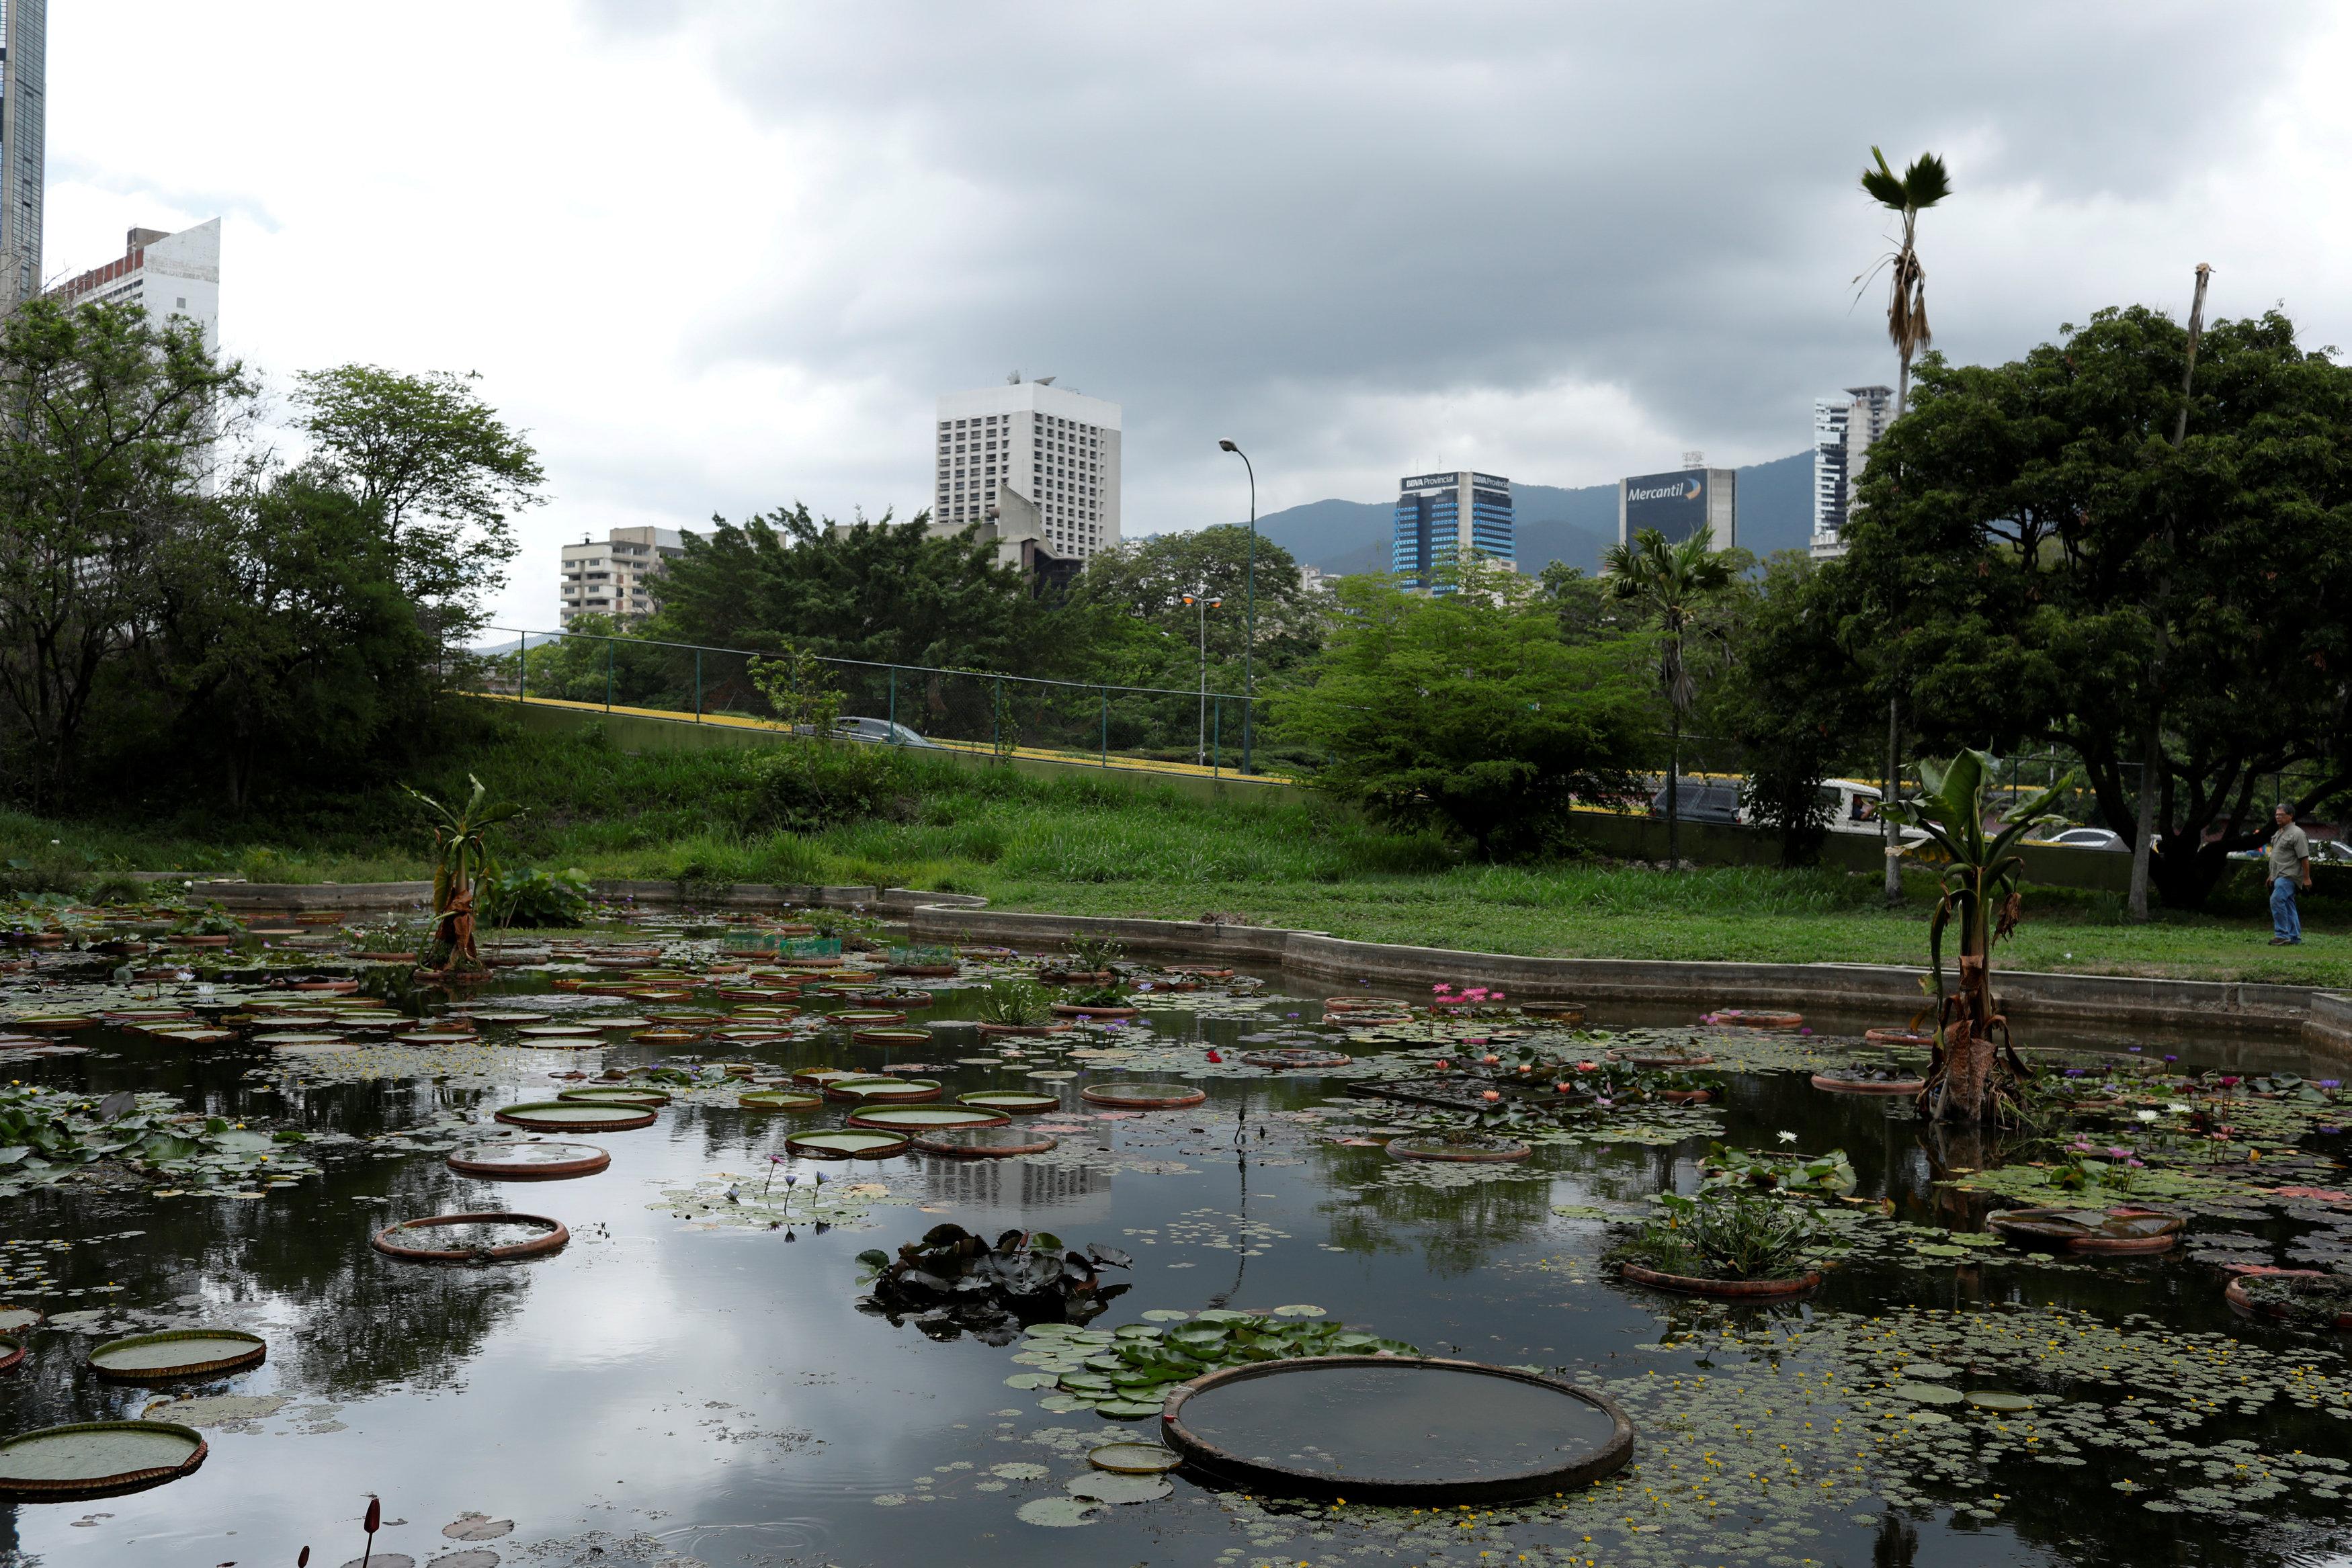 #EscombrosDeMaduro: El Jardín Botánico, patrimonio cultural de la humanidad, muere de sed y abandono (FOTOS)